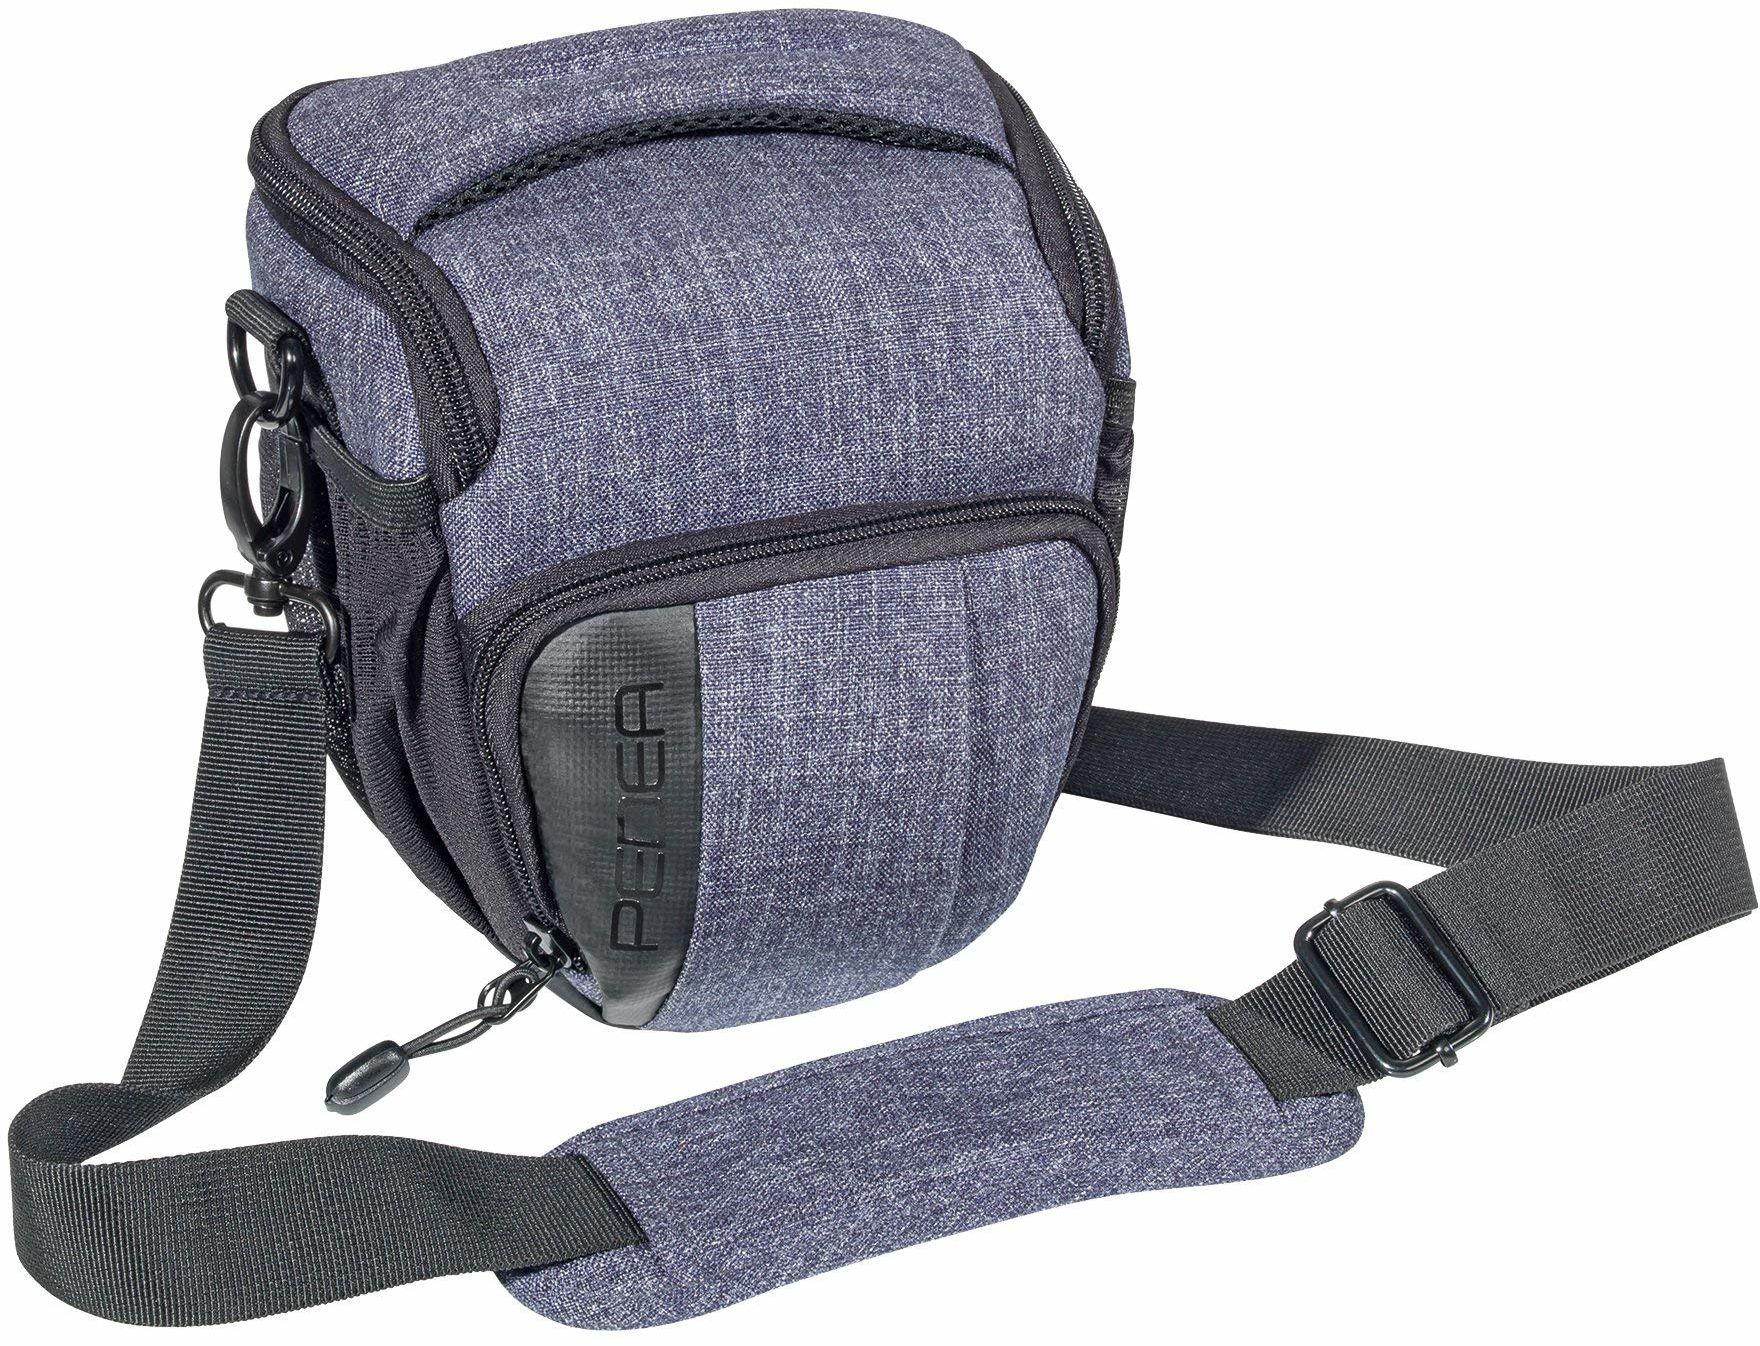 """PEDEA DSLR torba na aparat """"Fashion"""" z folią ochronną na wyświetlacz do Nikon D500 D750 D3500 D5200 D300 Coolpix B500 / Sony Alpha 7 7M2 7M3 7R II DSC-RX10 / Canon EOS 77D 200D 1300D, rozmiar M szary"""